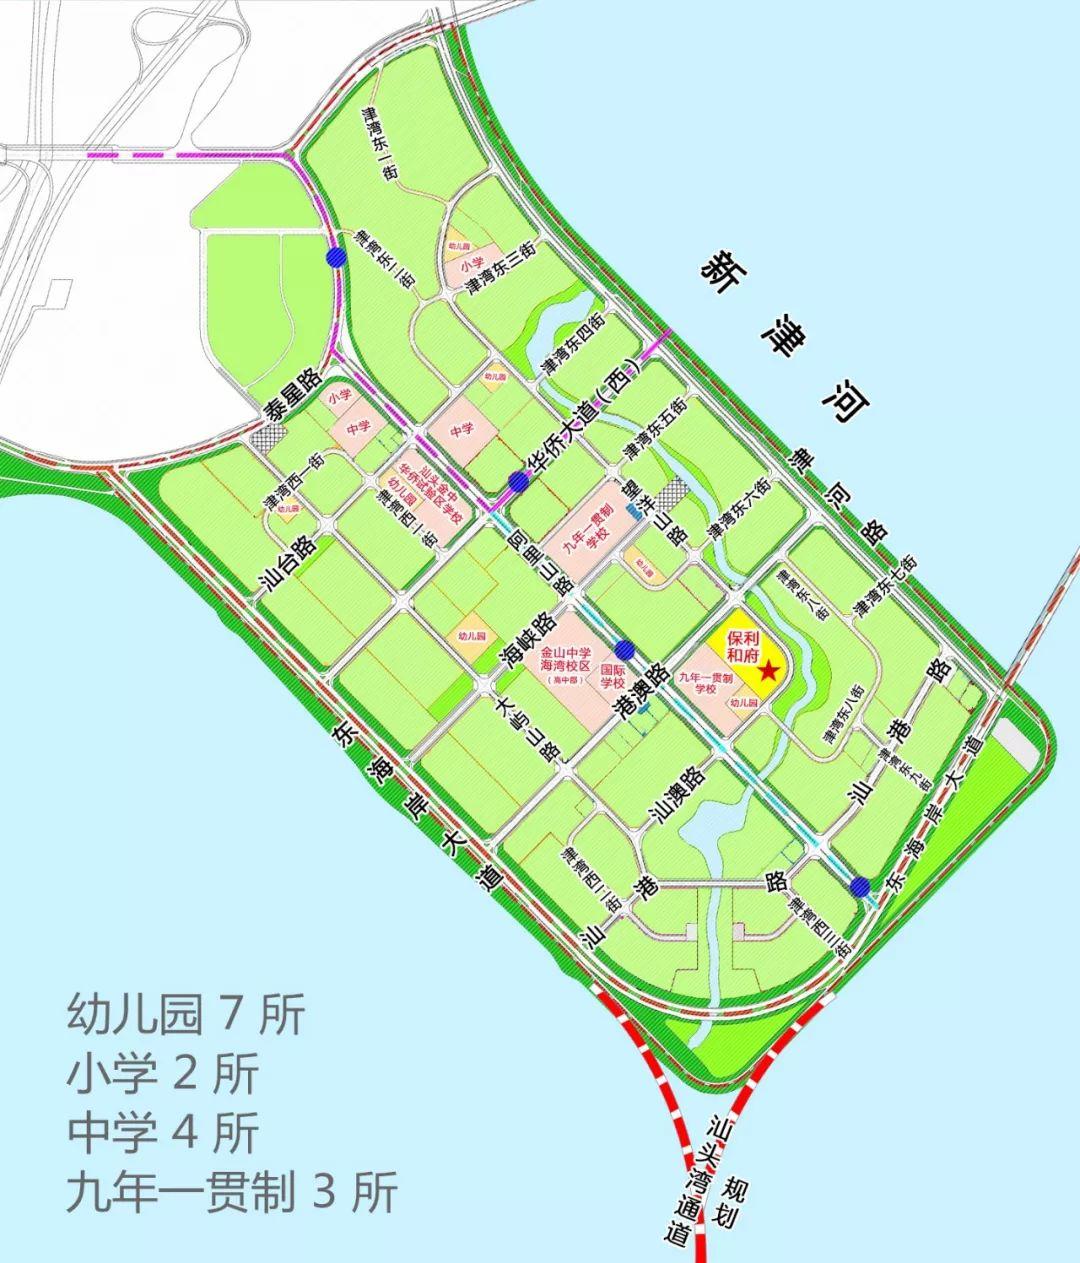 東海岸新城規劃汕頭第三大學 保利·和府享一站式教育資源